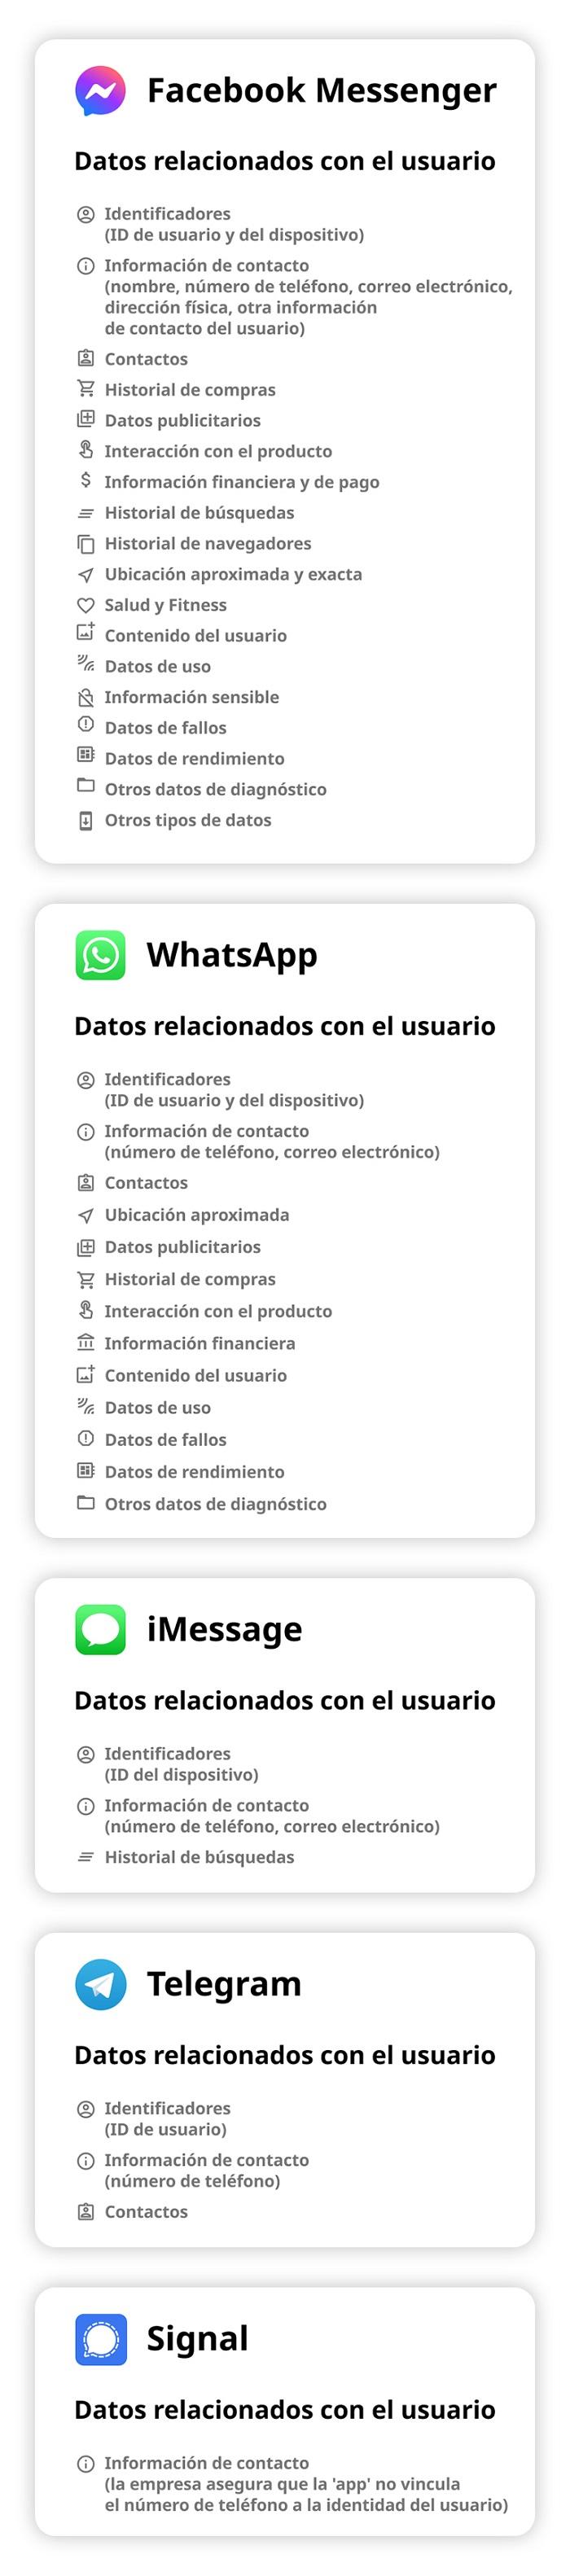 5ffefc45e9ff7143d868b223 - ¿Qué datos personales recopilan los servicios de mensajería más populares? Aquí los detalles